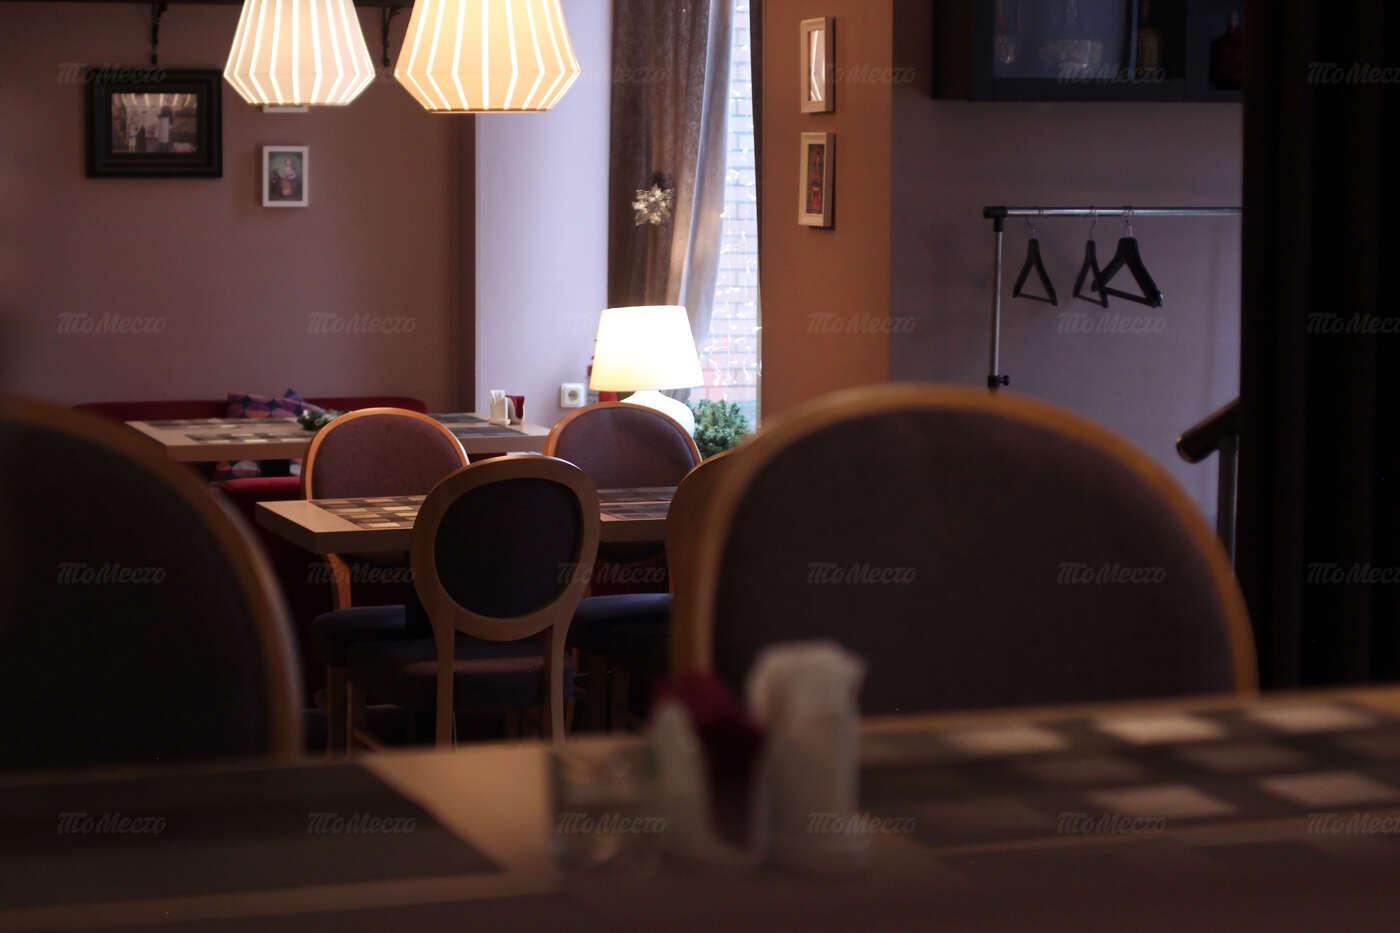 Кафе Хинкальная на проспекте Космонавтов фото 5